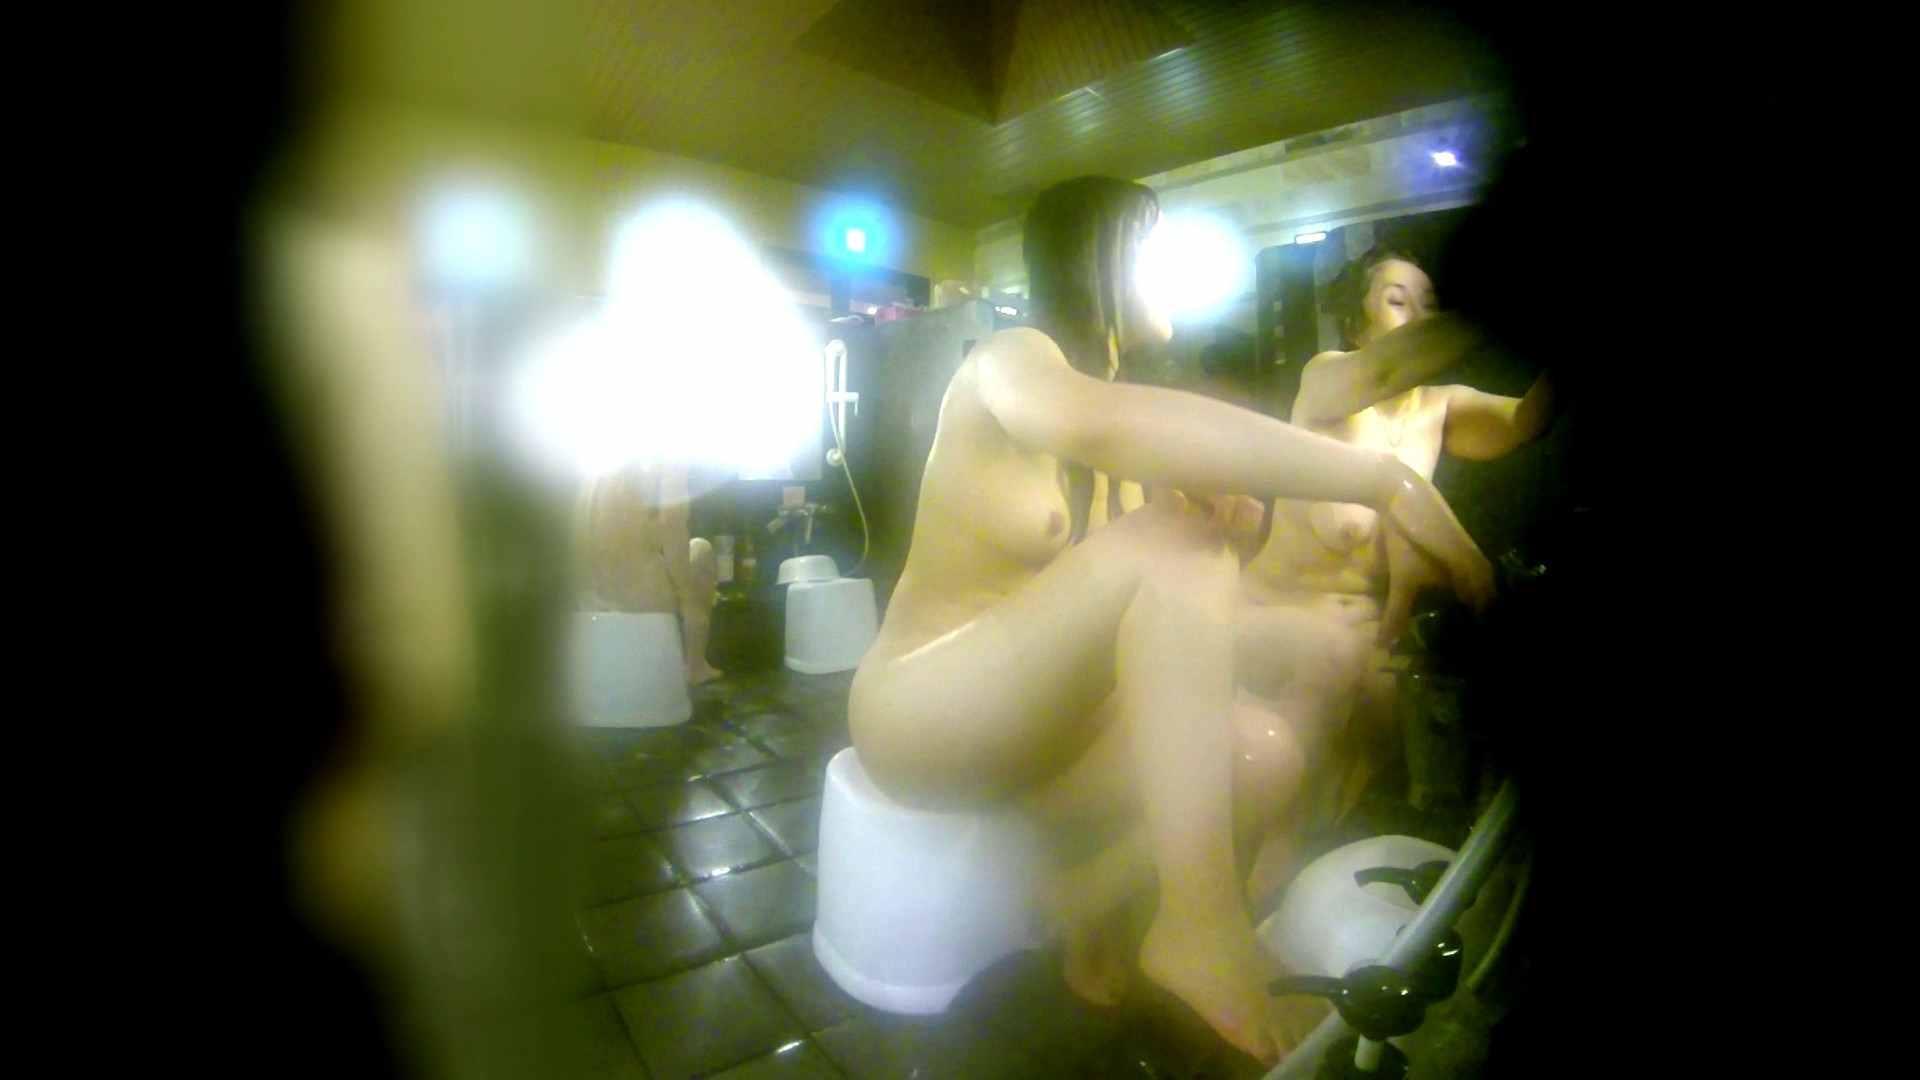 洗い場!右足の位置がいいですね。陰毛もっさり! 細身・スレンダー 戯れ無修正画像 74画像 4